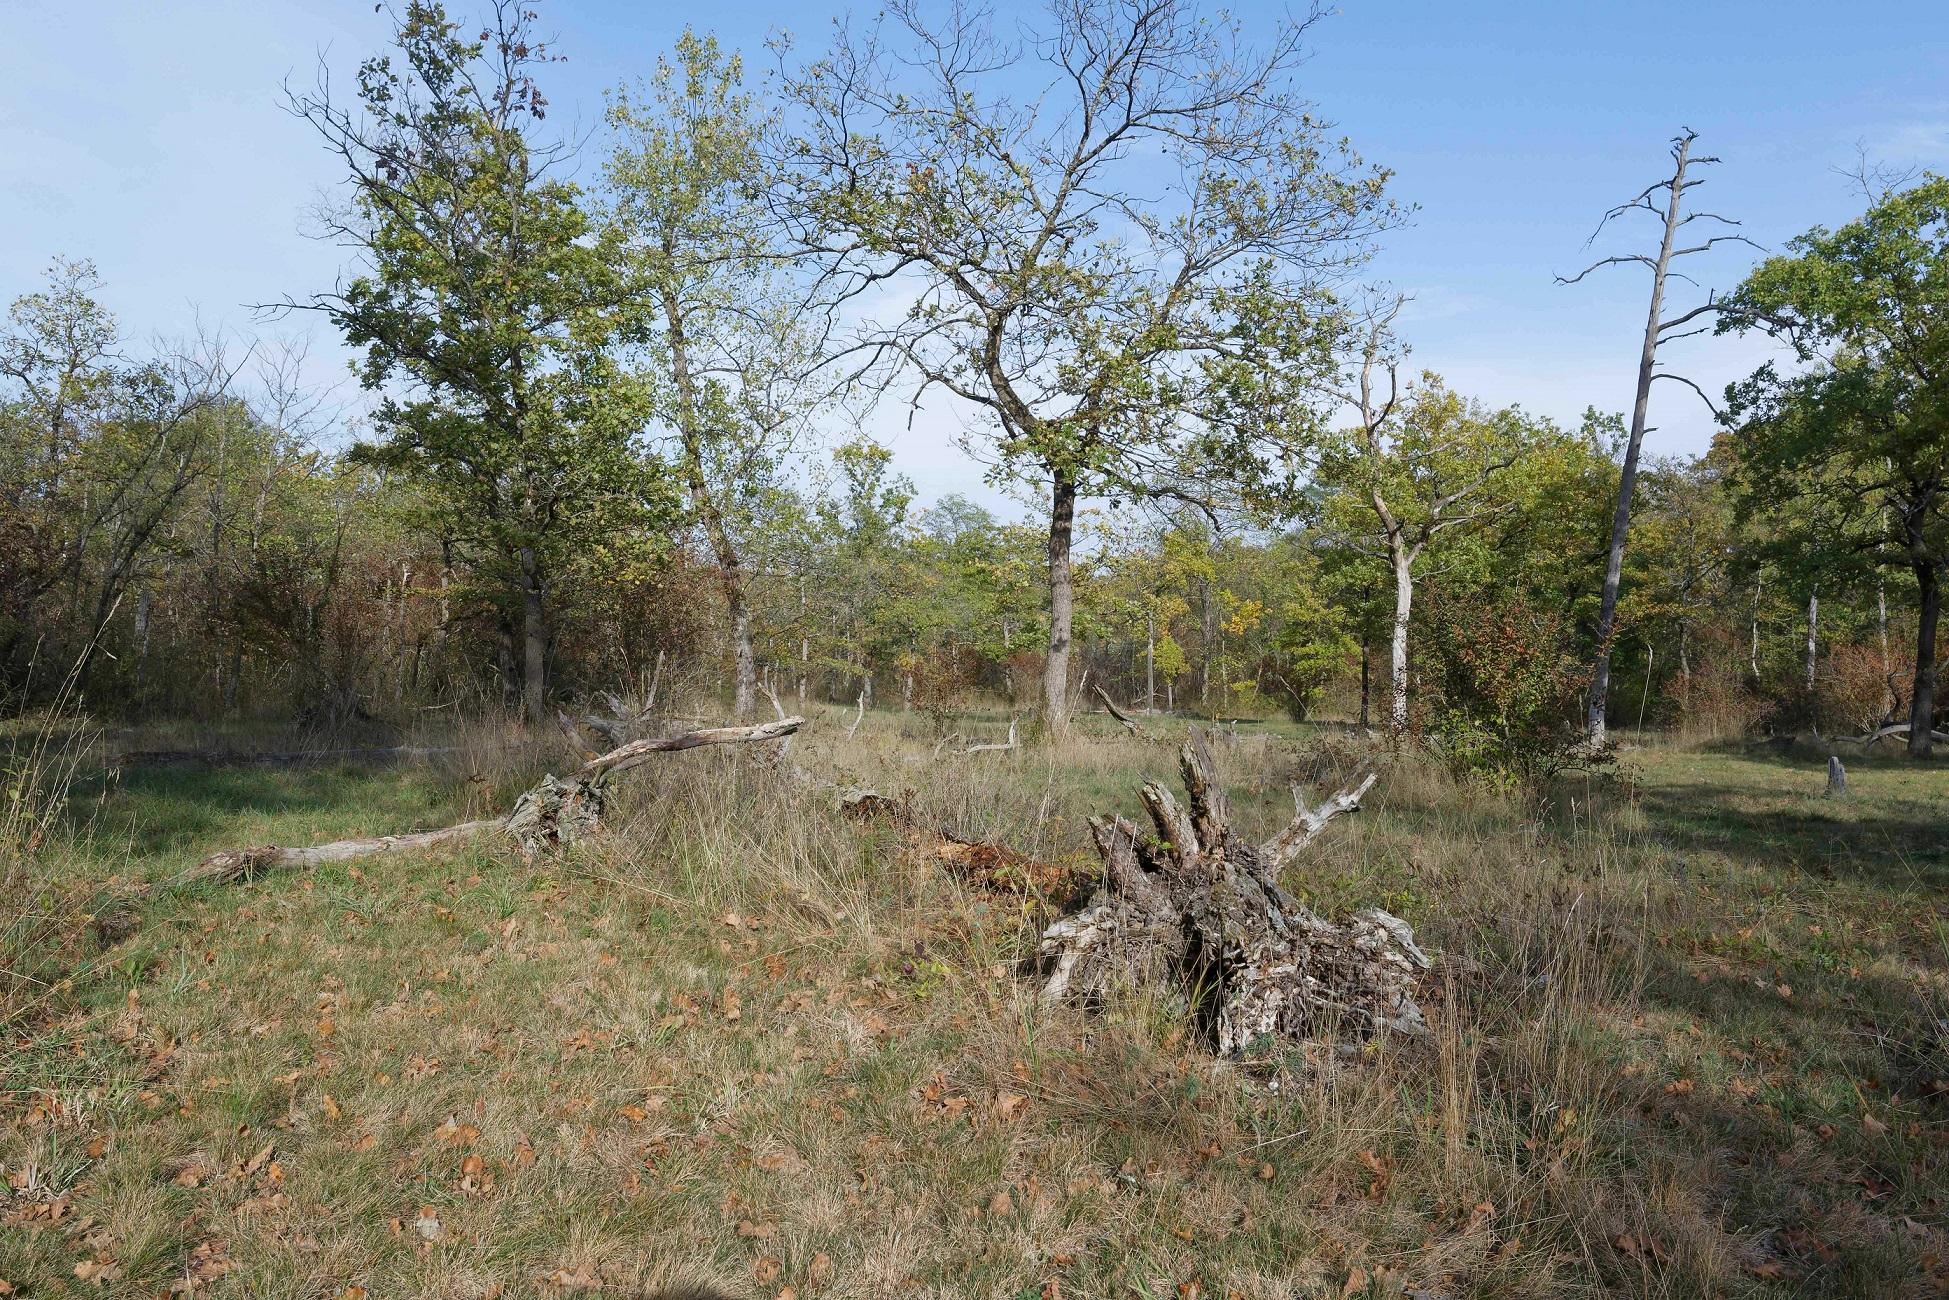 """Es gibt auch zwei """"Brennen"""", d.h. natürliche Kies- und Sandrücken der Auen mit lichtem Trockenwald, entstanden aus früheren Kiesbänken des noch unregulierten Rheinbettes."""